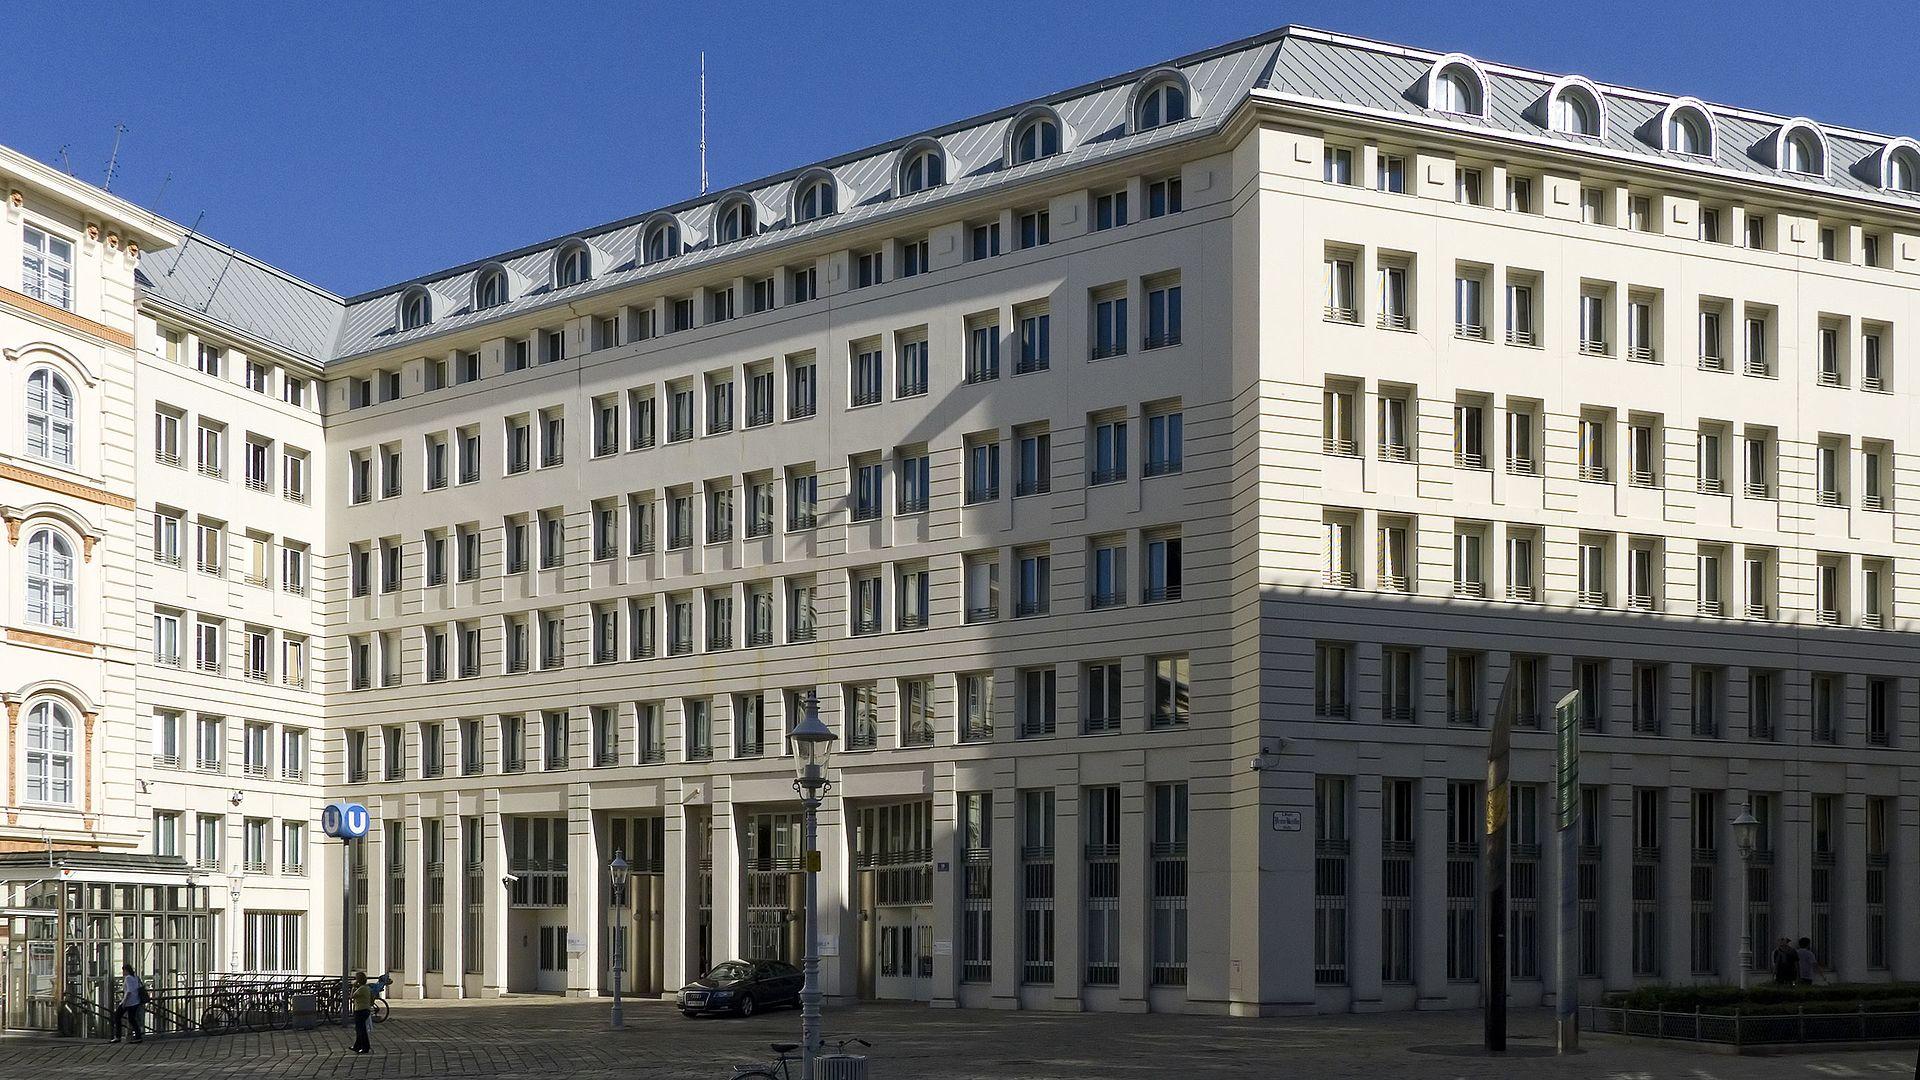 1920px-Wien_01_Minoritenplatz_h.jpg